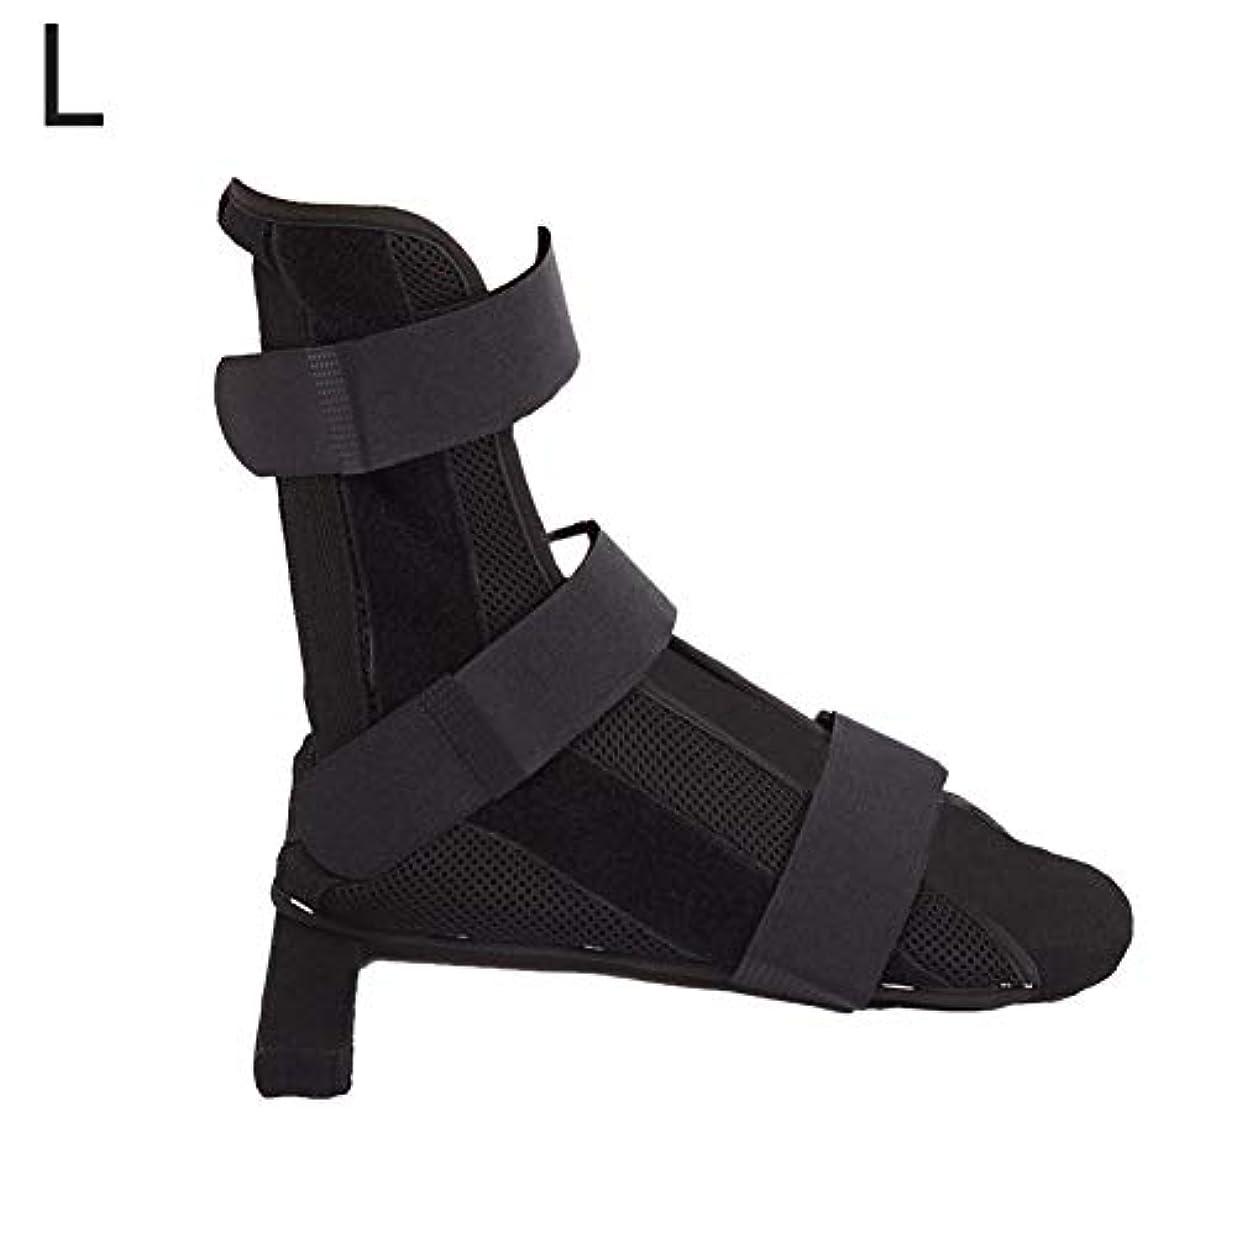 止まるメールフラグラント足底筋膜スプリント足の再生のための3枚のプラスチック鋼板痛みの緩和のため整形外科リハビリテーション